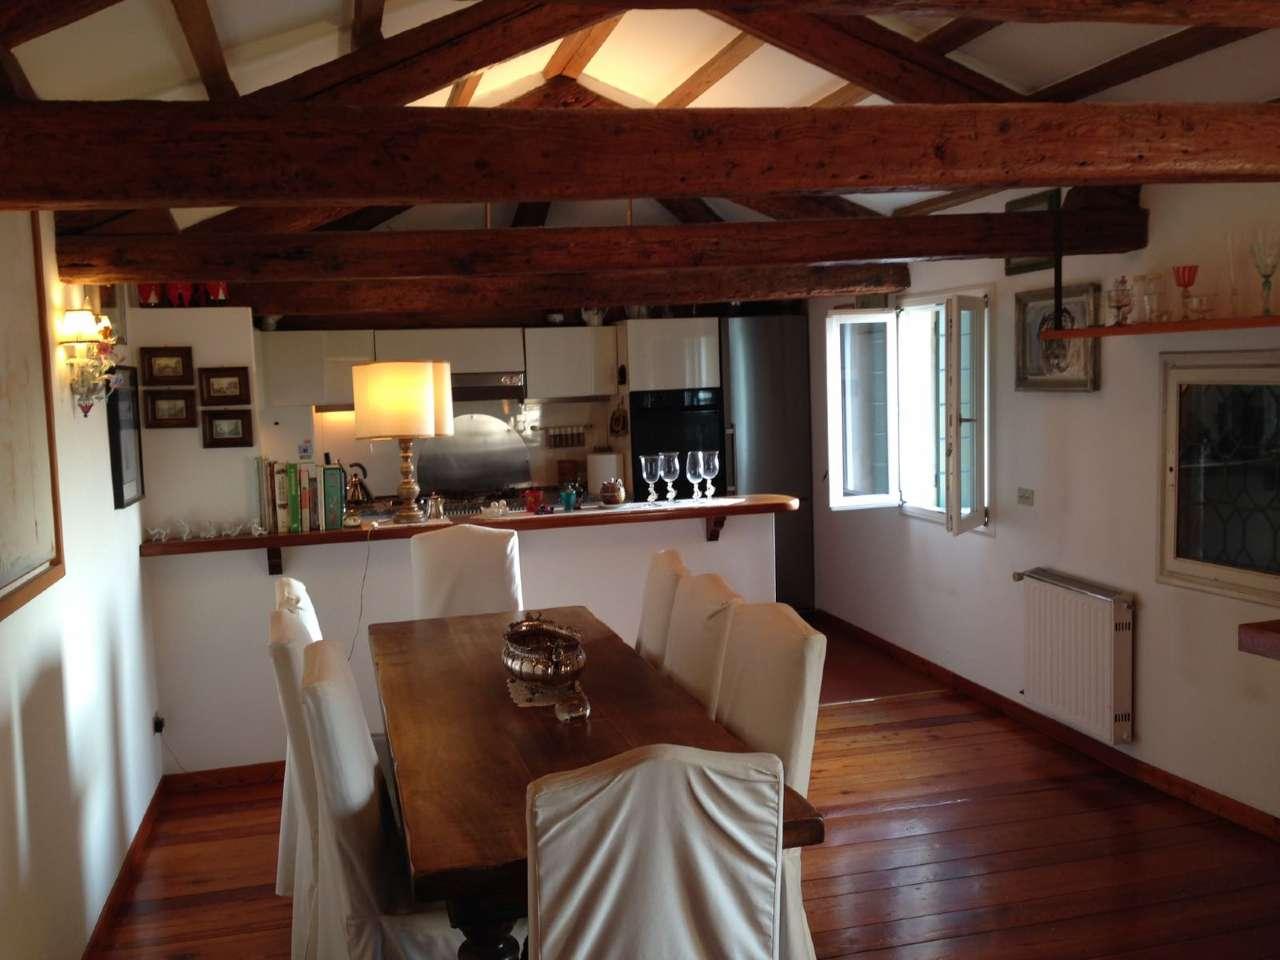 Appartamento in vendita a Venezia, 8 locali, zona Zona: 2 . Santa Croce, Trattative riservate   Cambio Casa.it